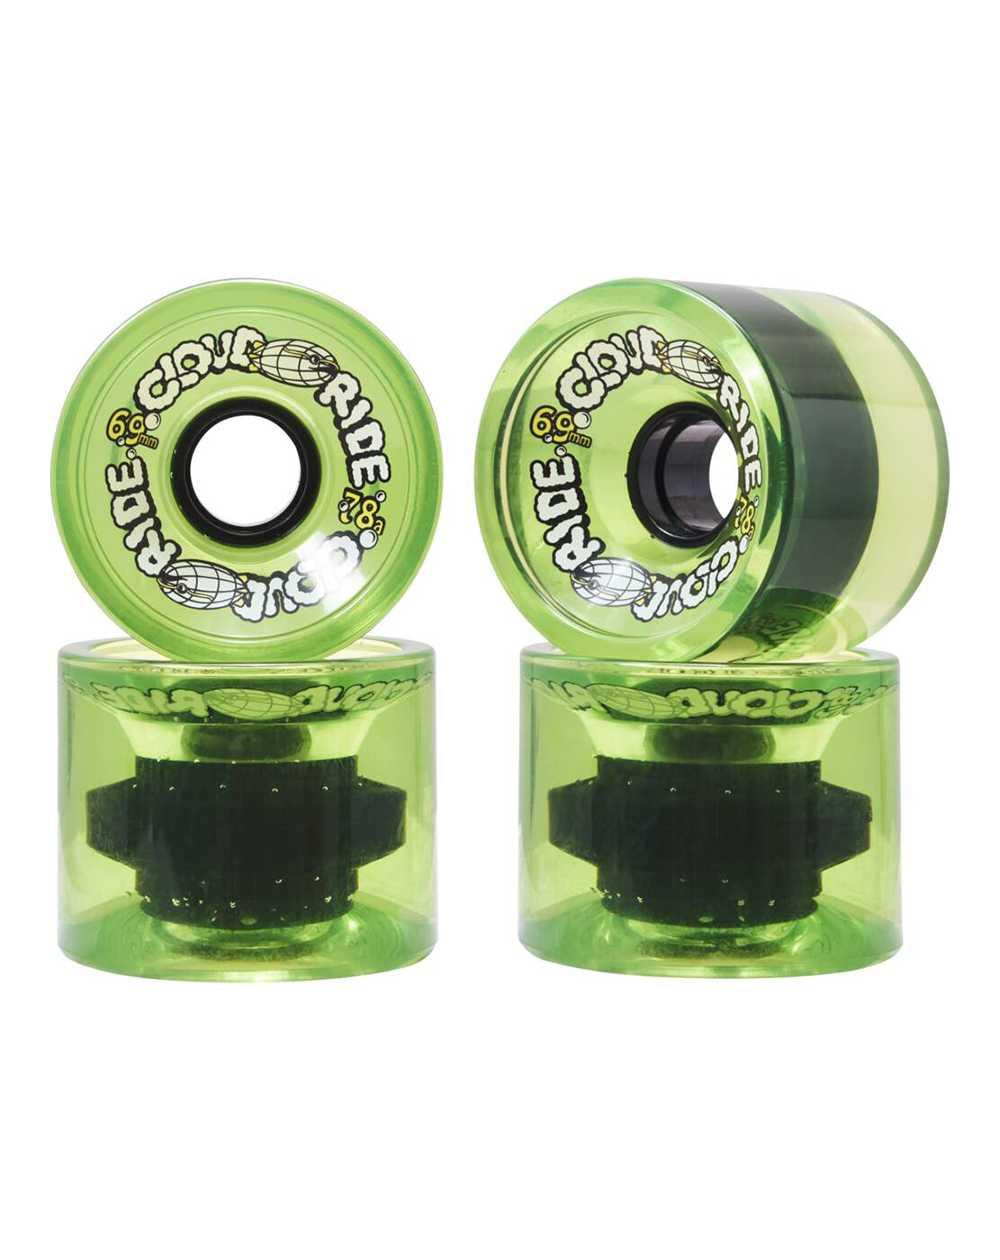 Cloud Ride 69mm Longboard Wheels Translucent Neon Green